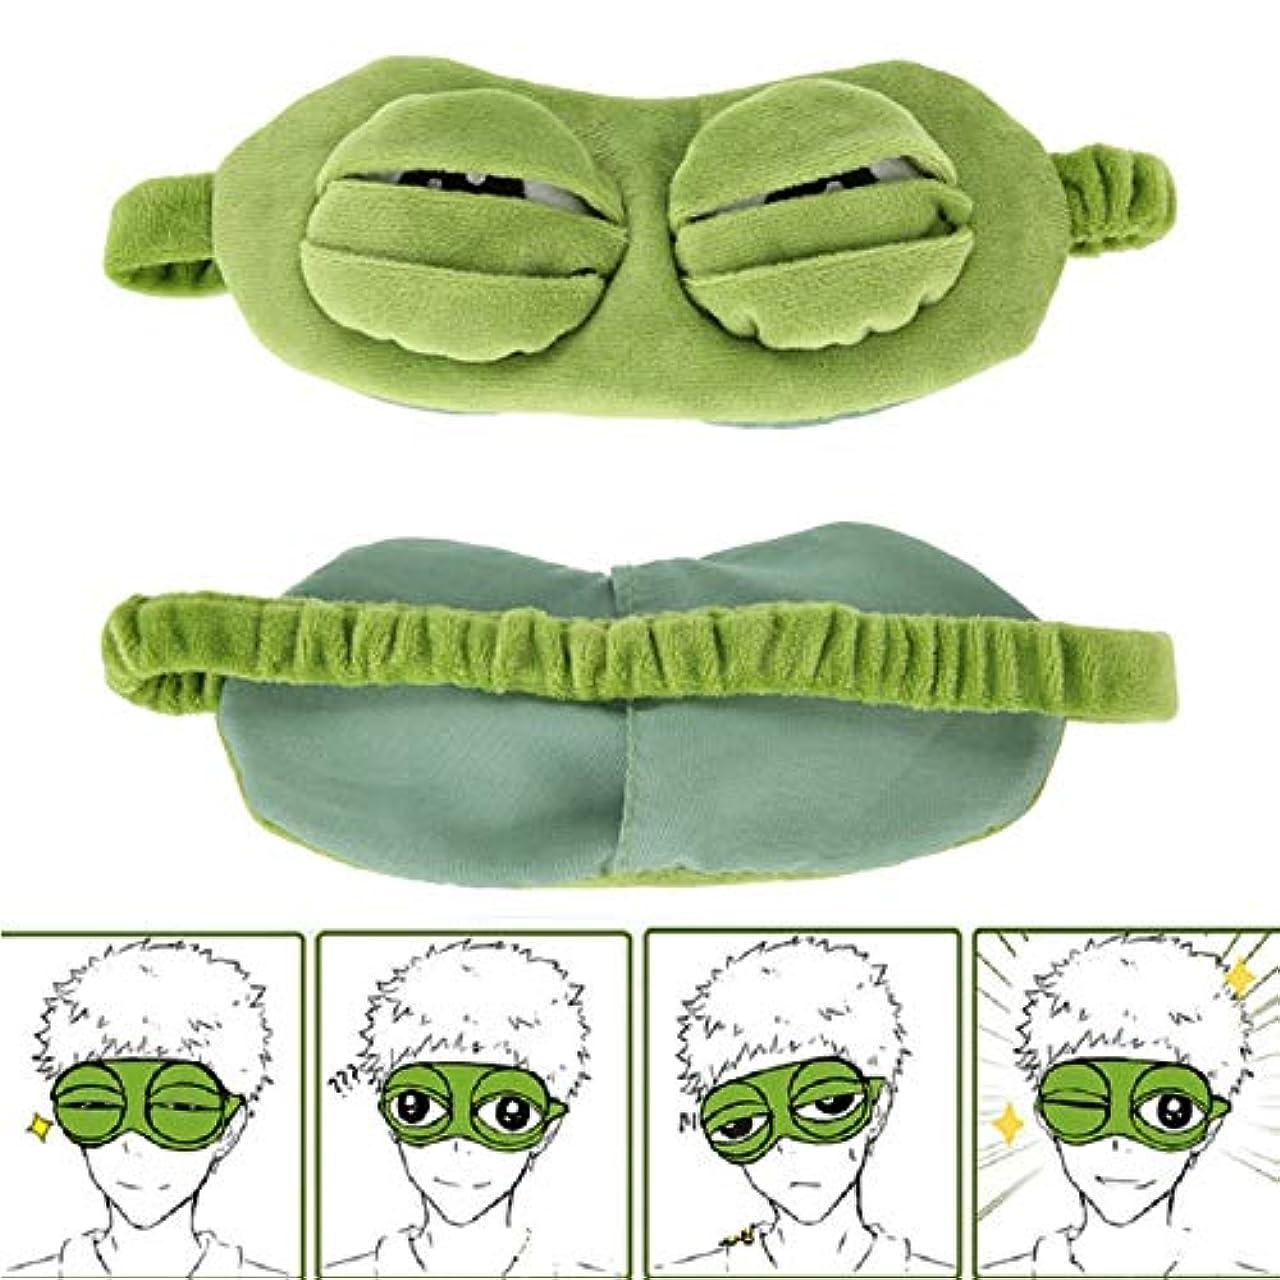 グラス音節リングバックNOTE かわいい目のマスクカバーぬいぐるみ悲しい3Dカエルグリーンアイマスクカバーリラックス眠って休息旅行睡眠アニメ面白いギフト美容ゴーグル